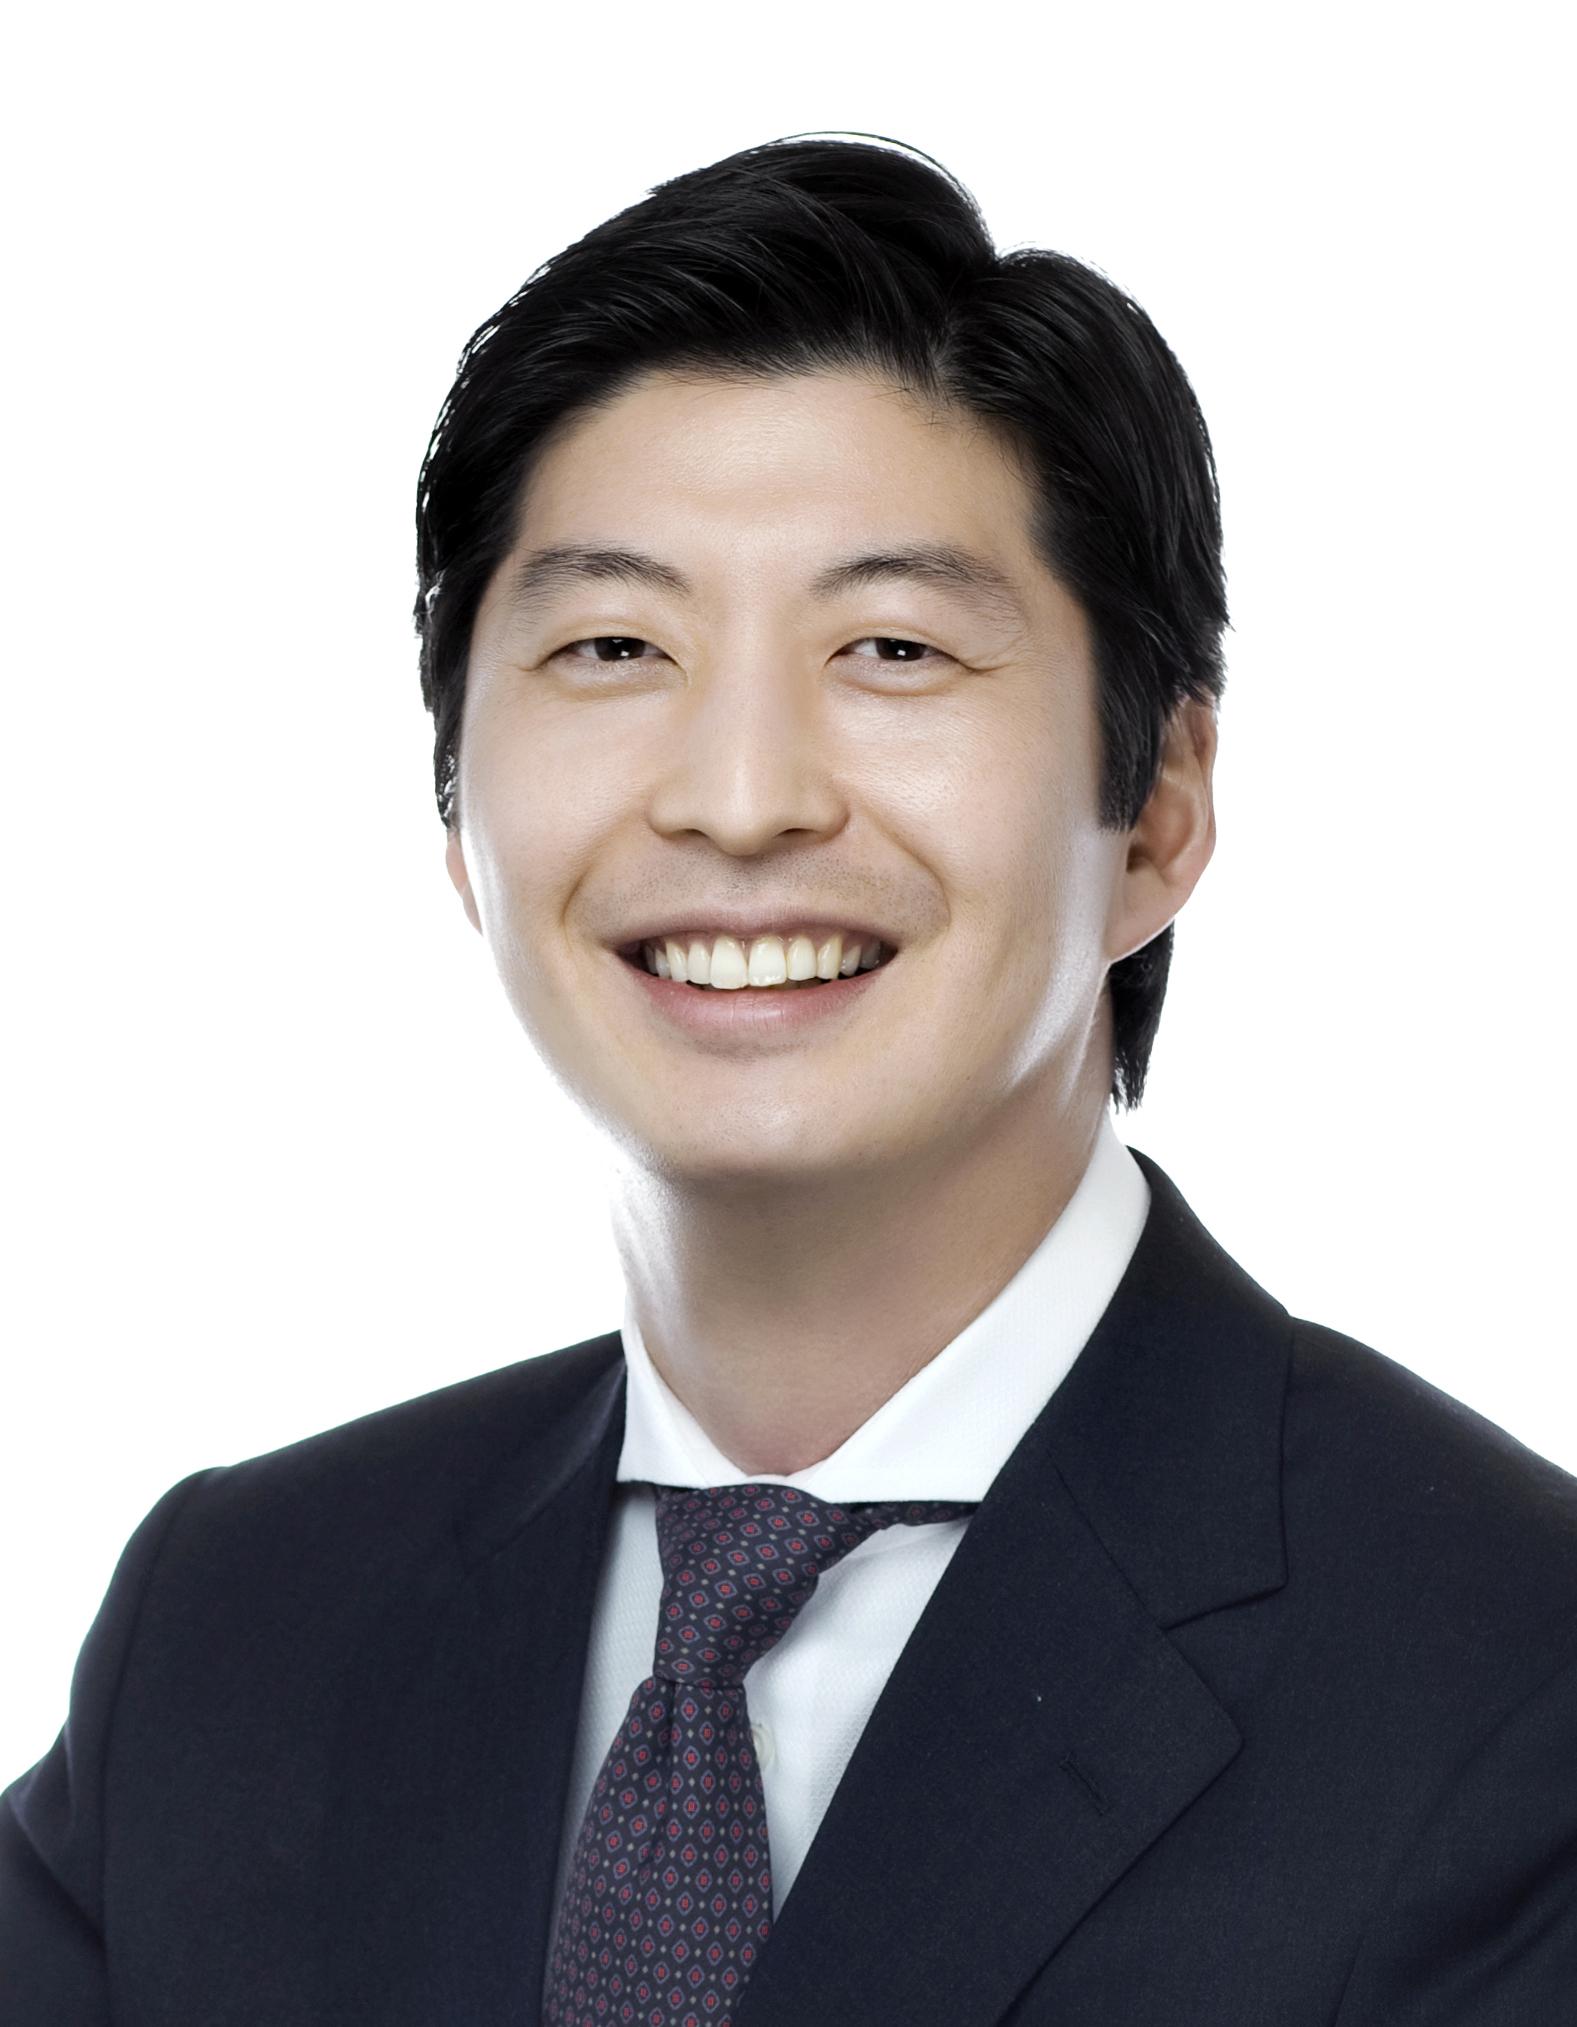 허세홍 신임 GS칼텍스 대표이사 사장 [사진 GS]